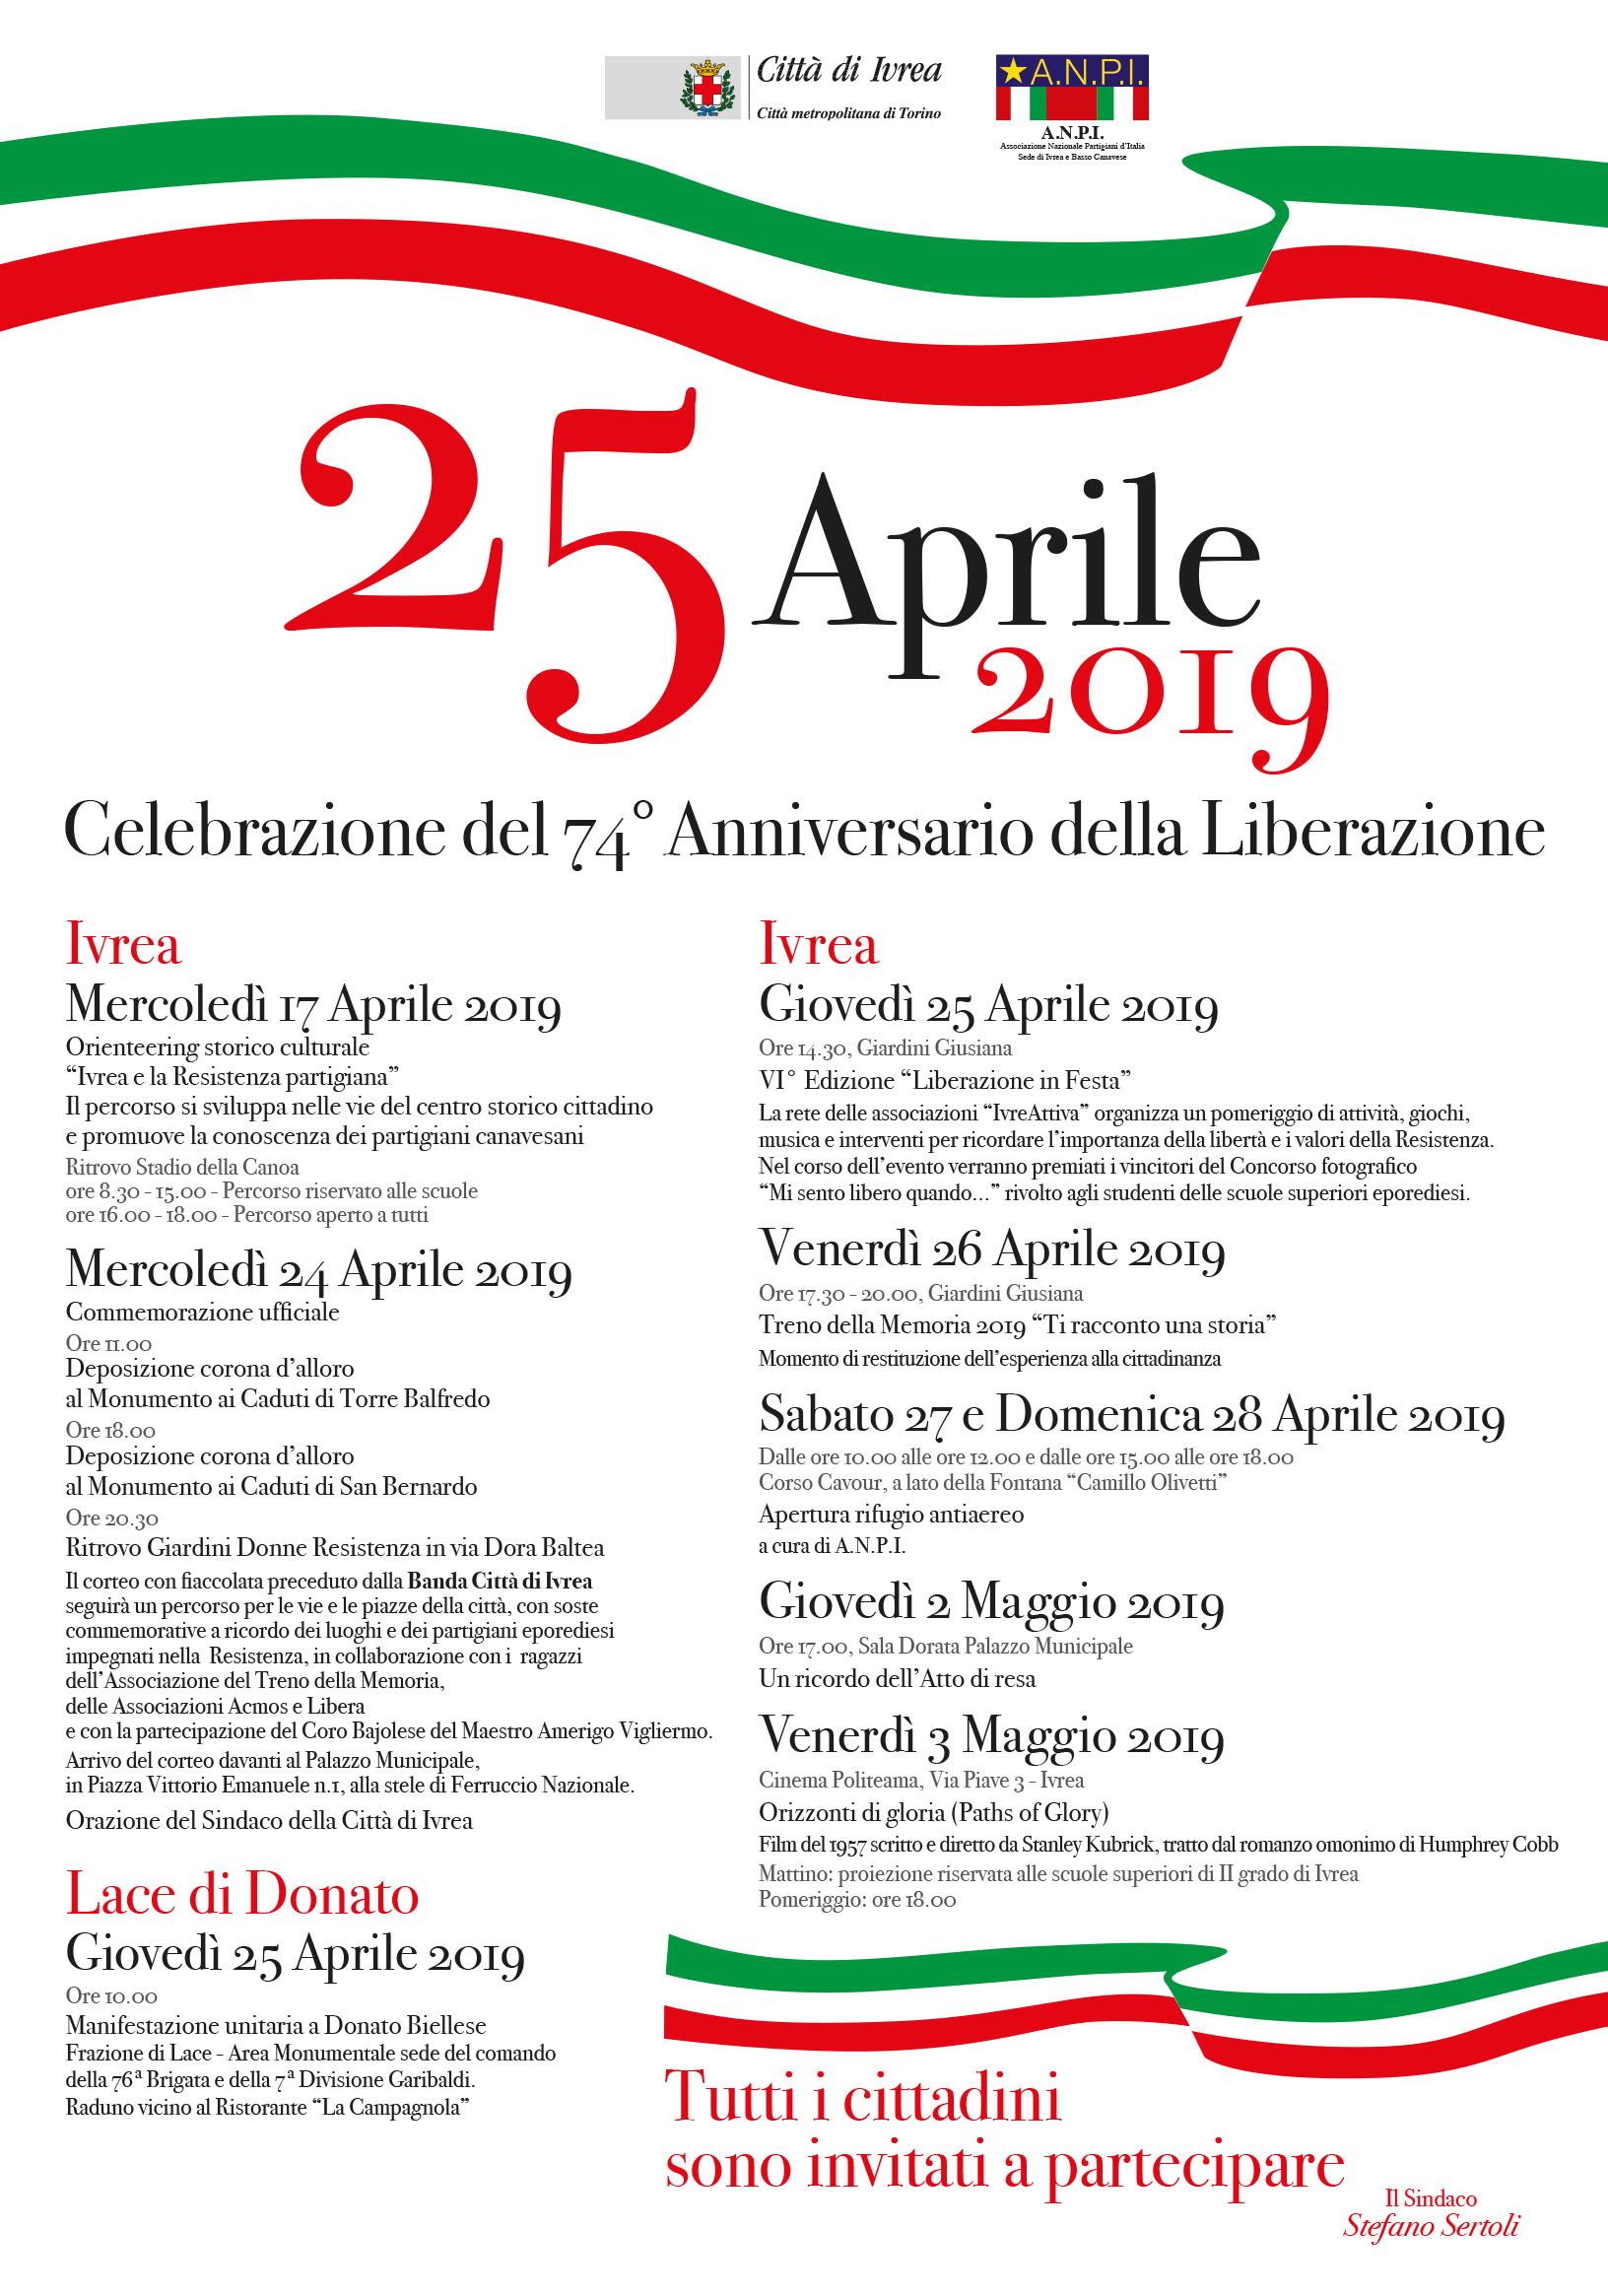 Gli eventi del 25 Aprile 2019